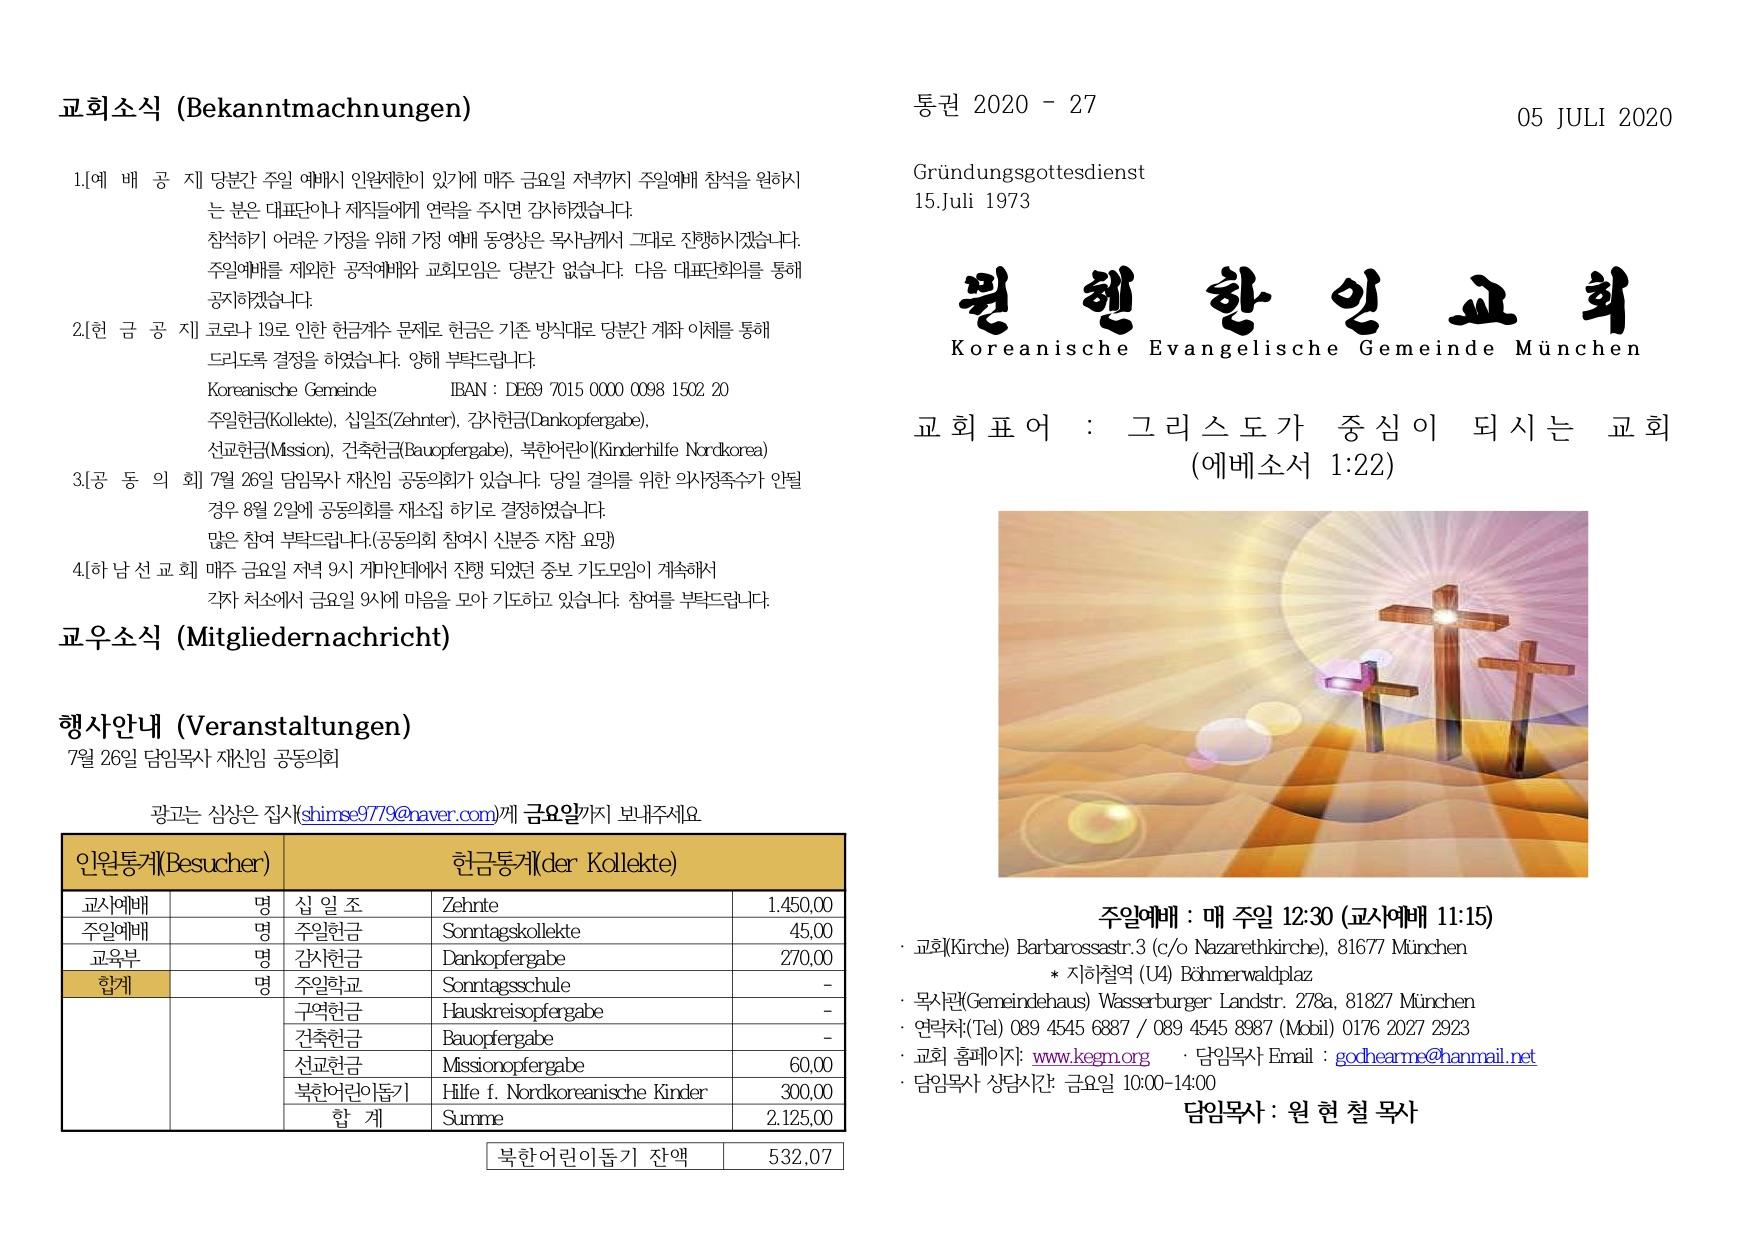 20200705_bulletin_1.jpg